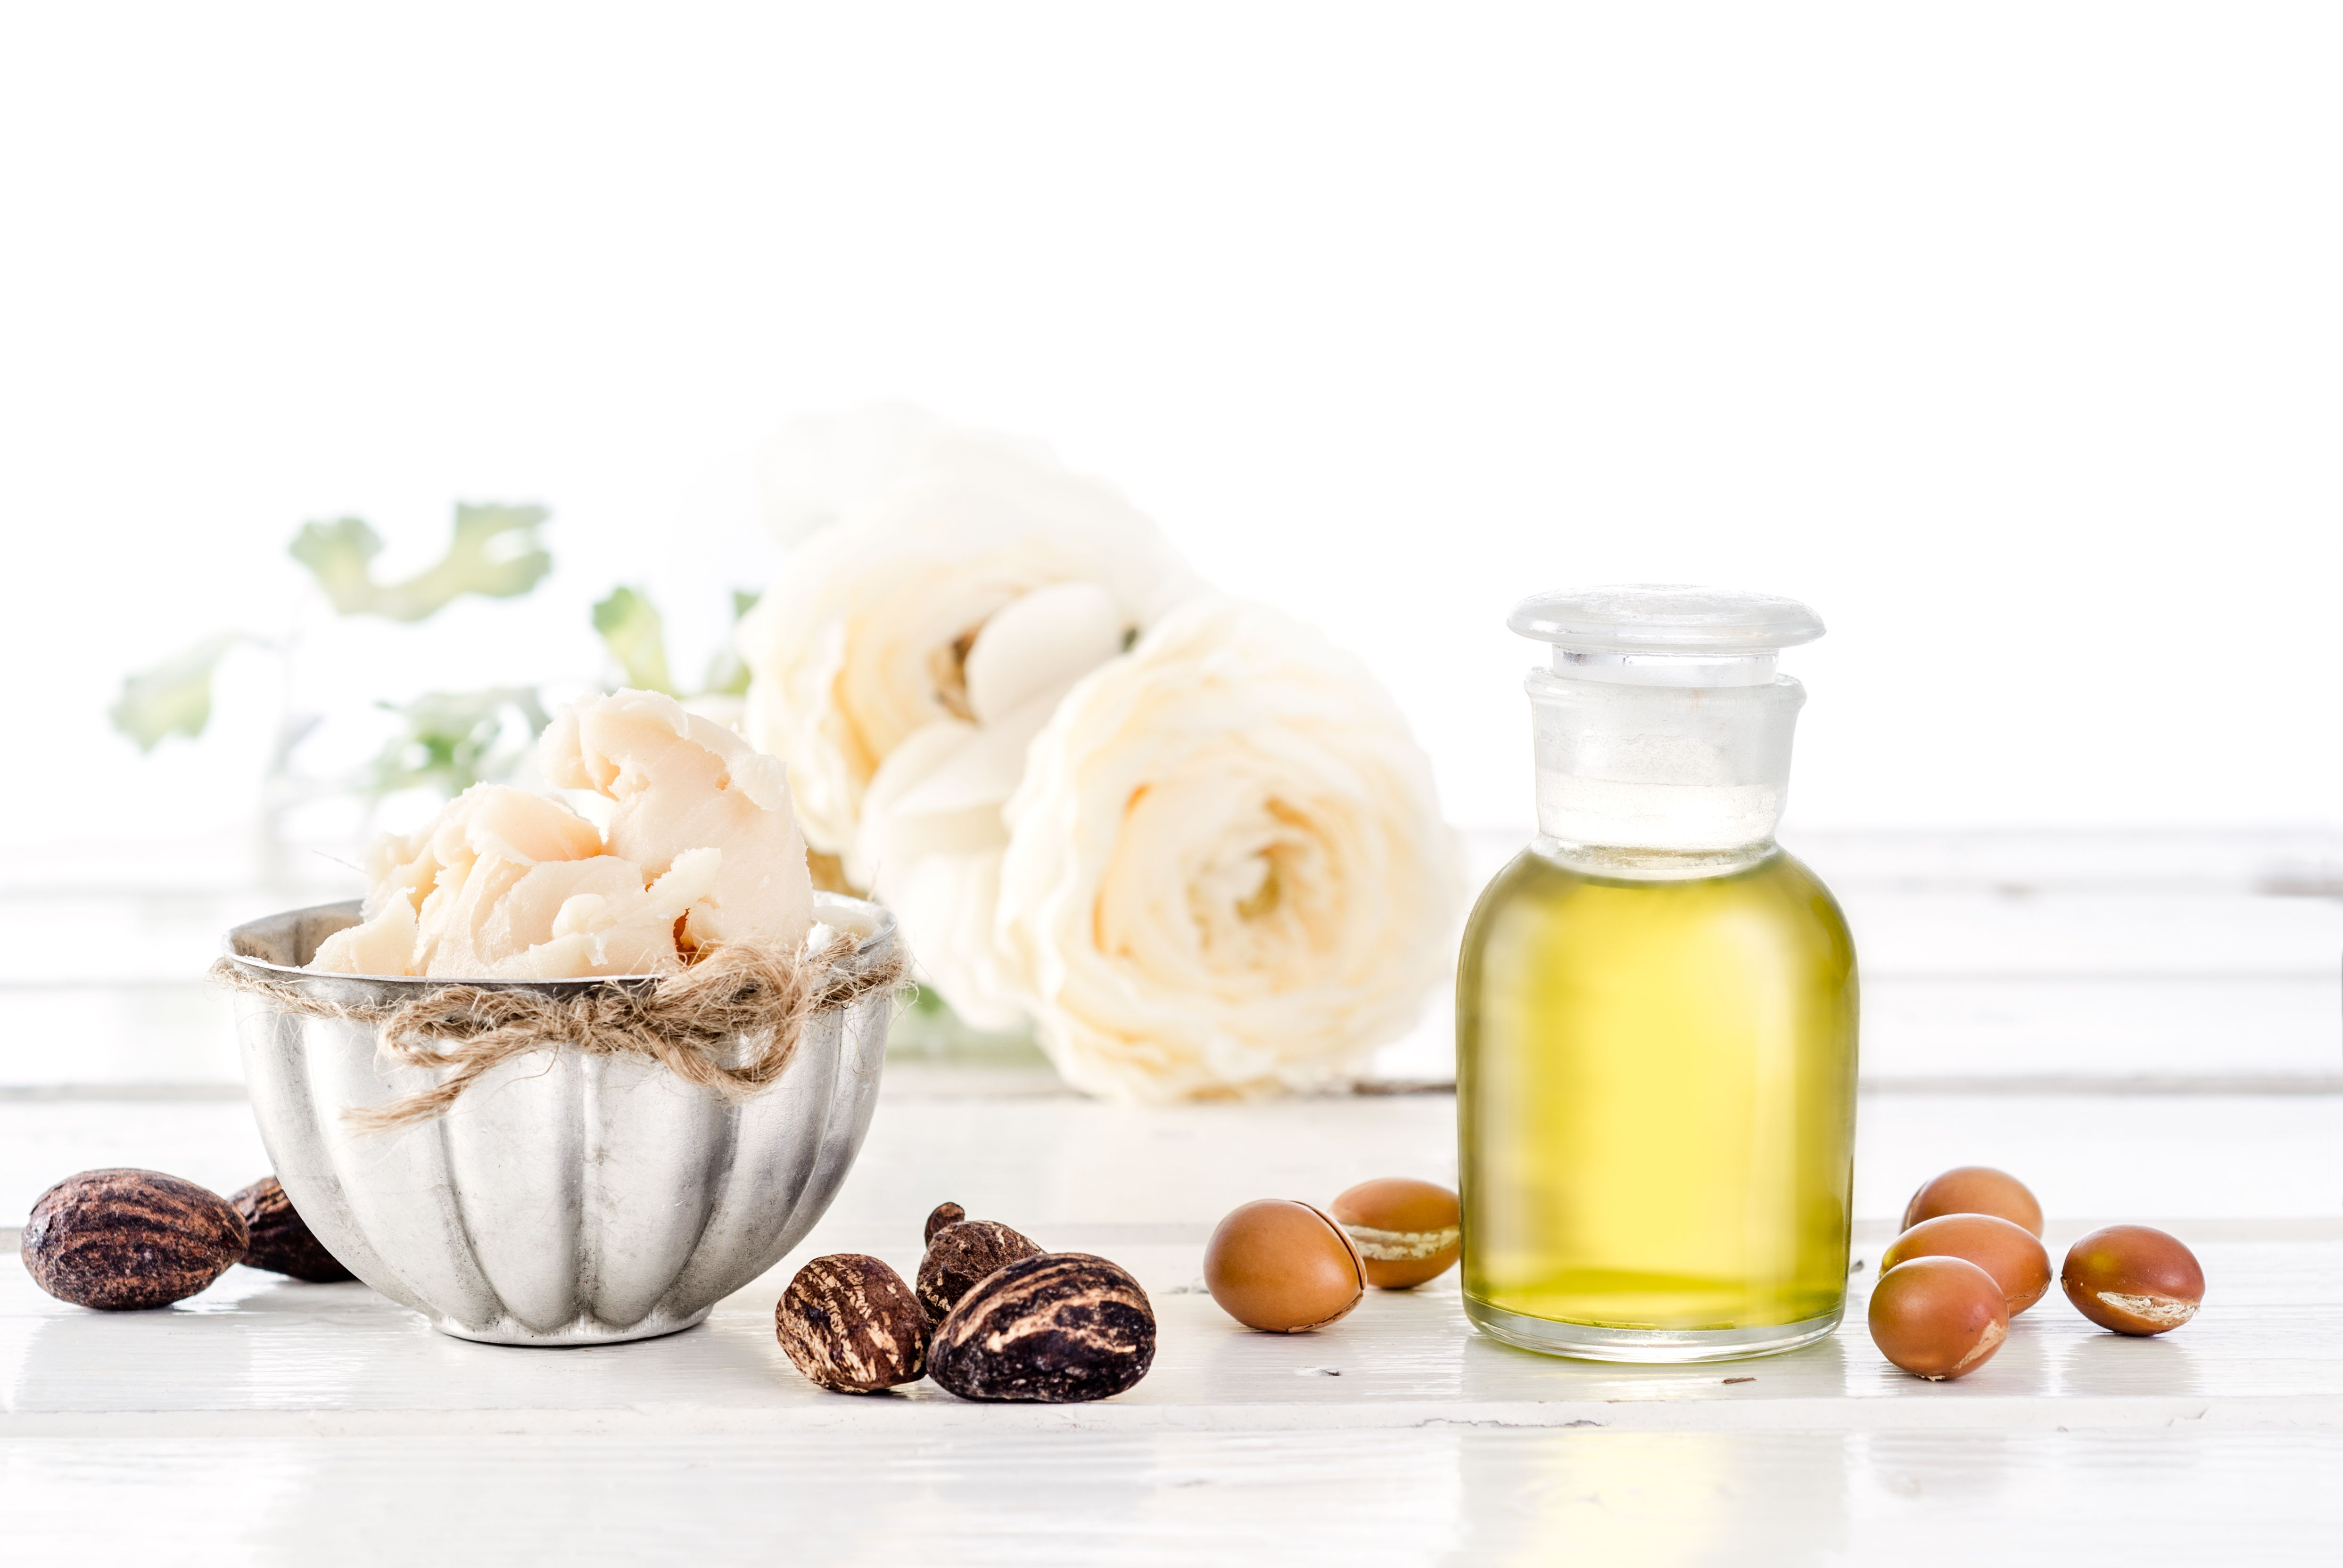 7 Benefits of Argan Oil